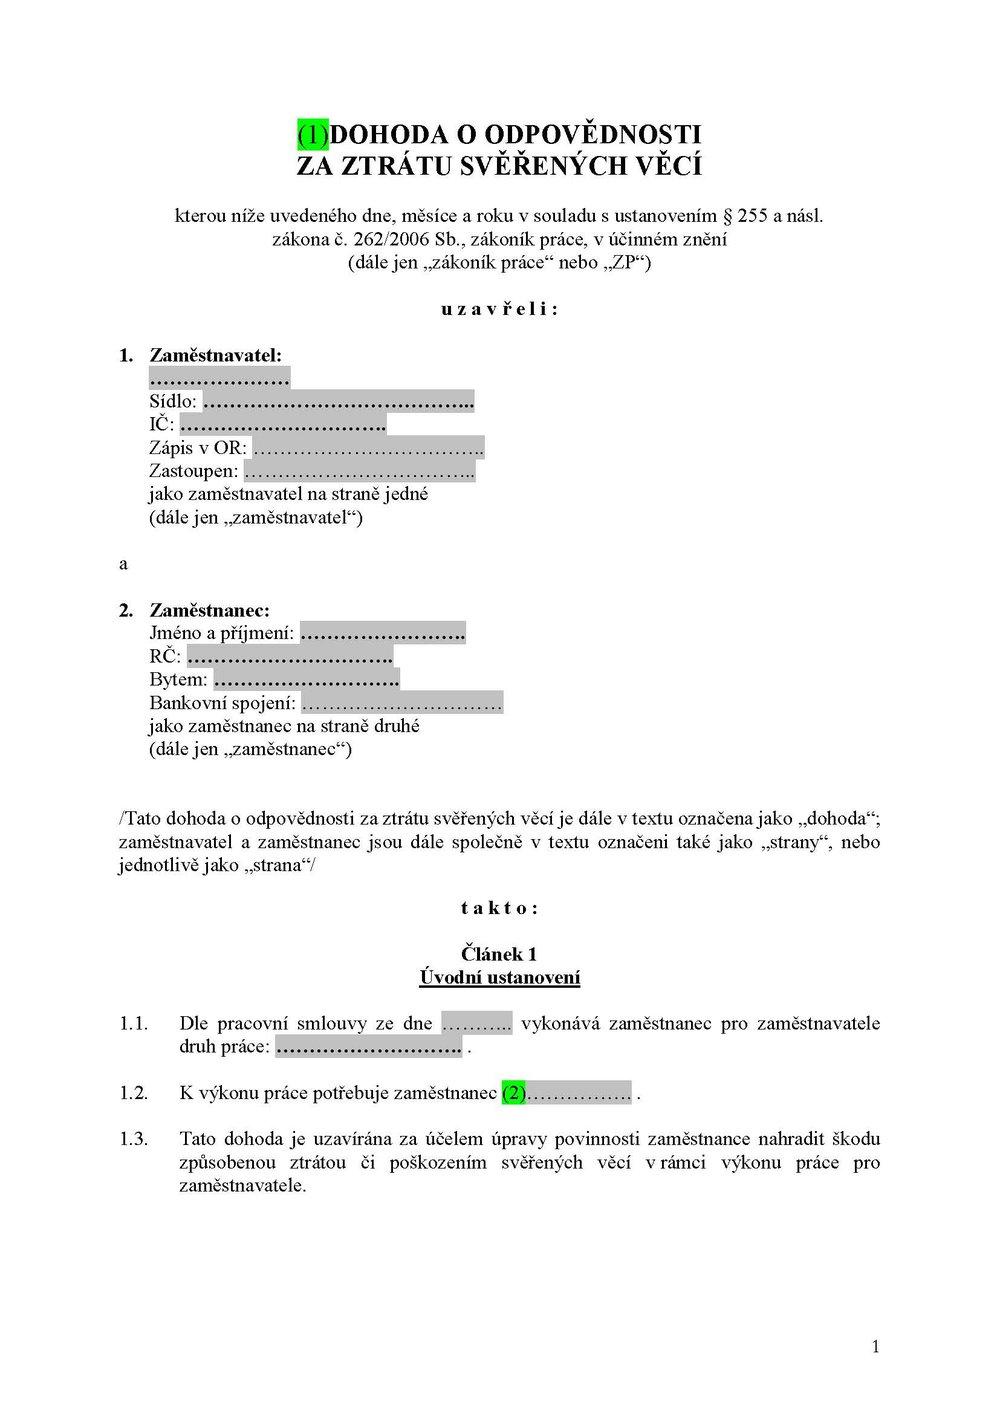 Dohoda_odpovědnost za svěřené věci_vzor _160901_Stránka_1